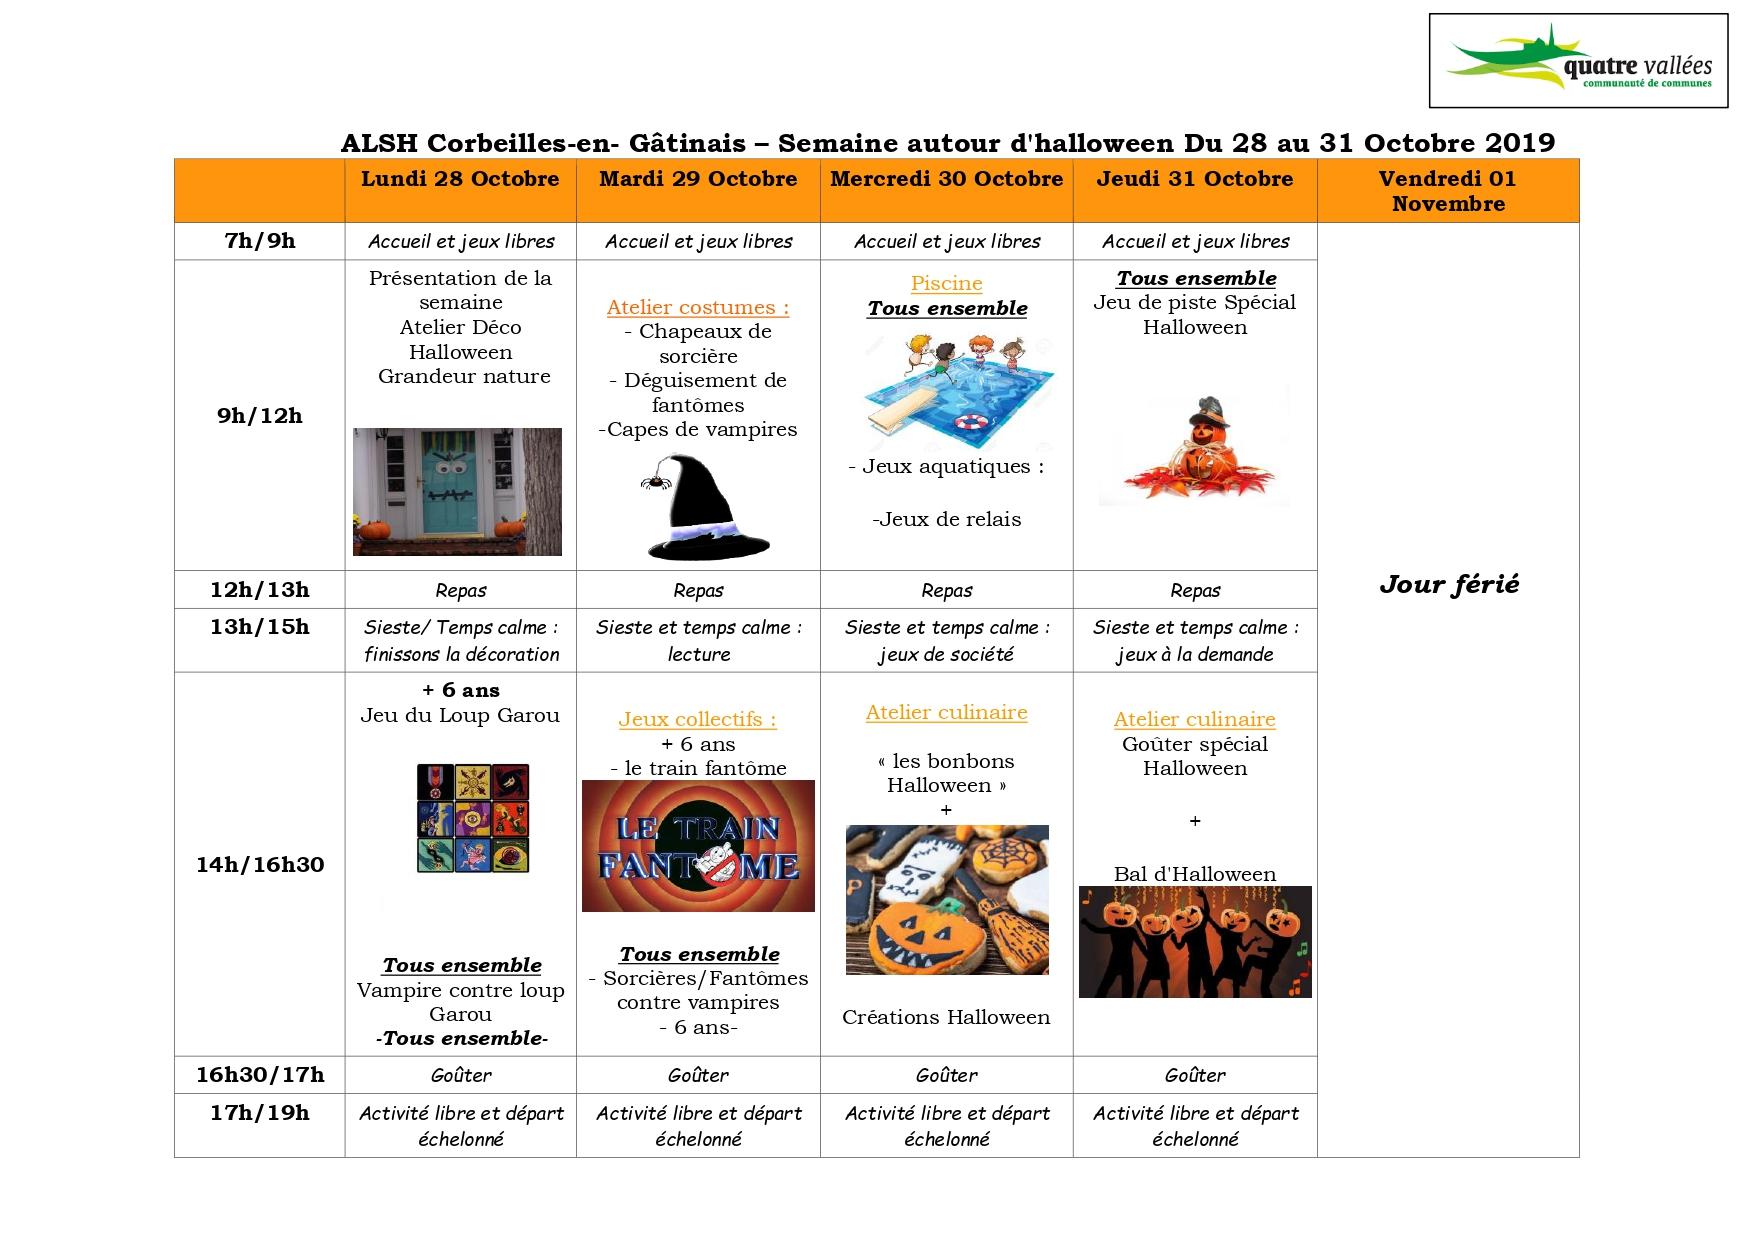 Programmation ALSH Corbeilles Toussaint 2019 page 0002